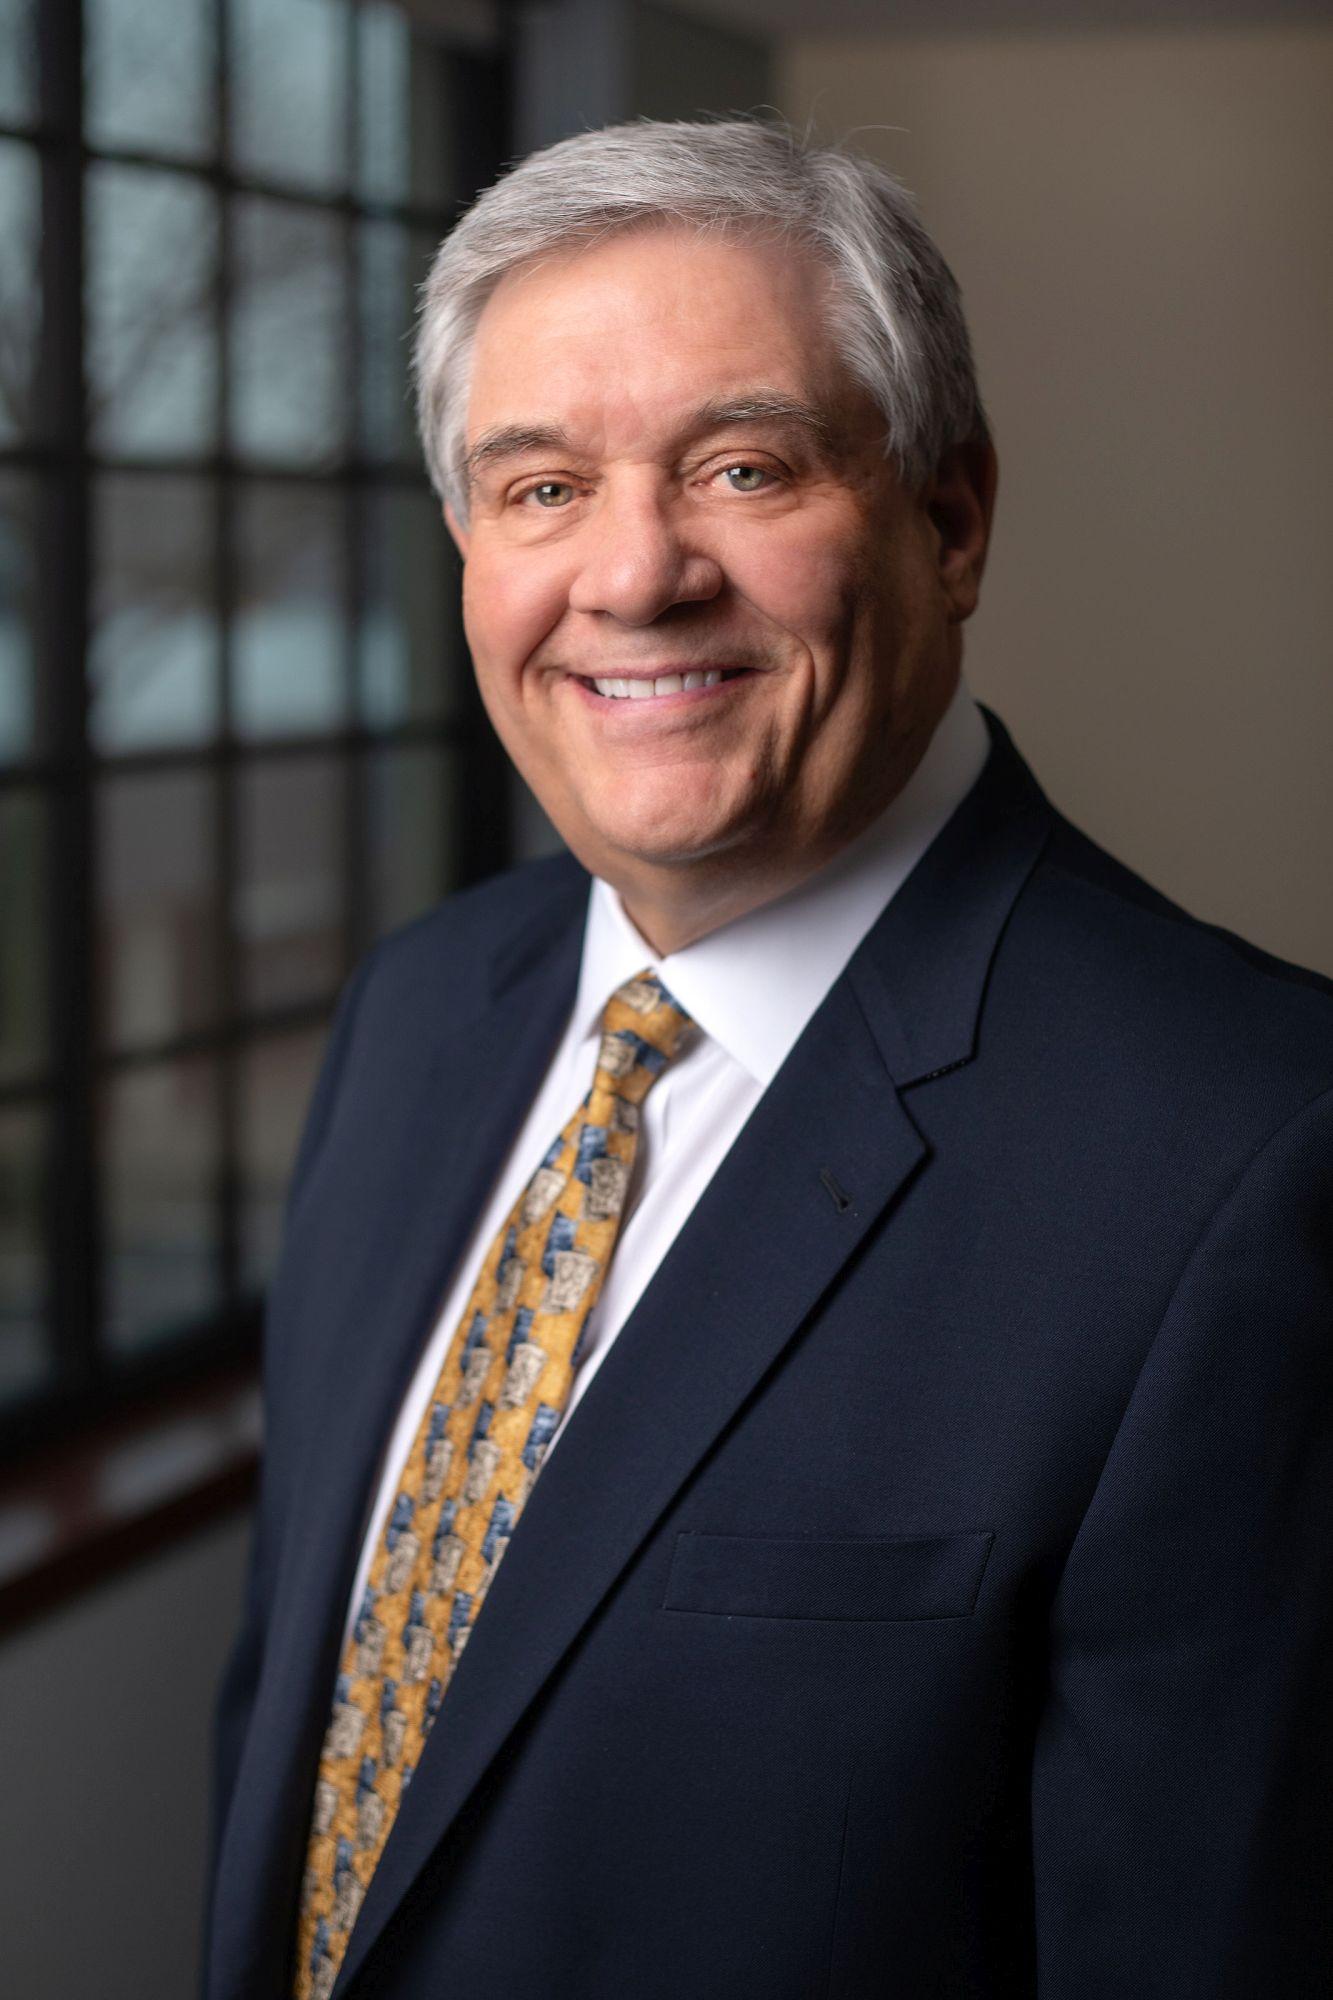 Frank Patzke